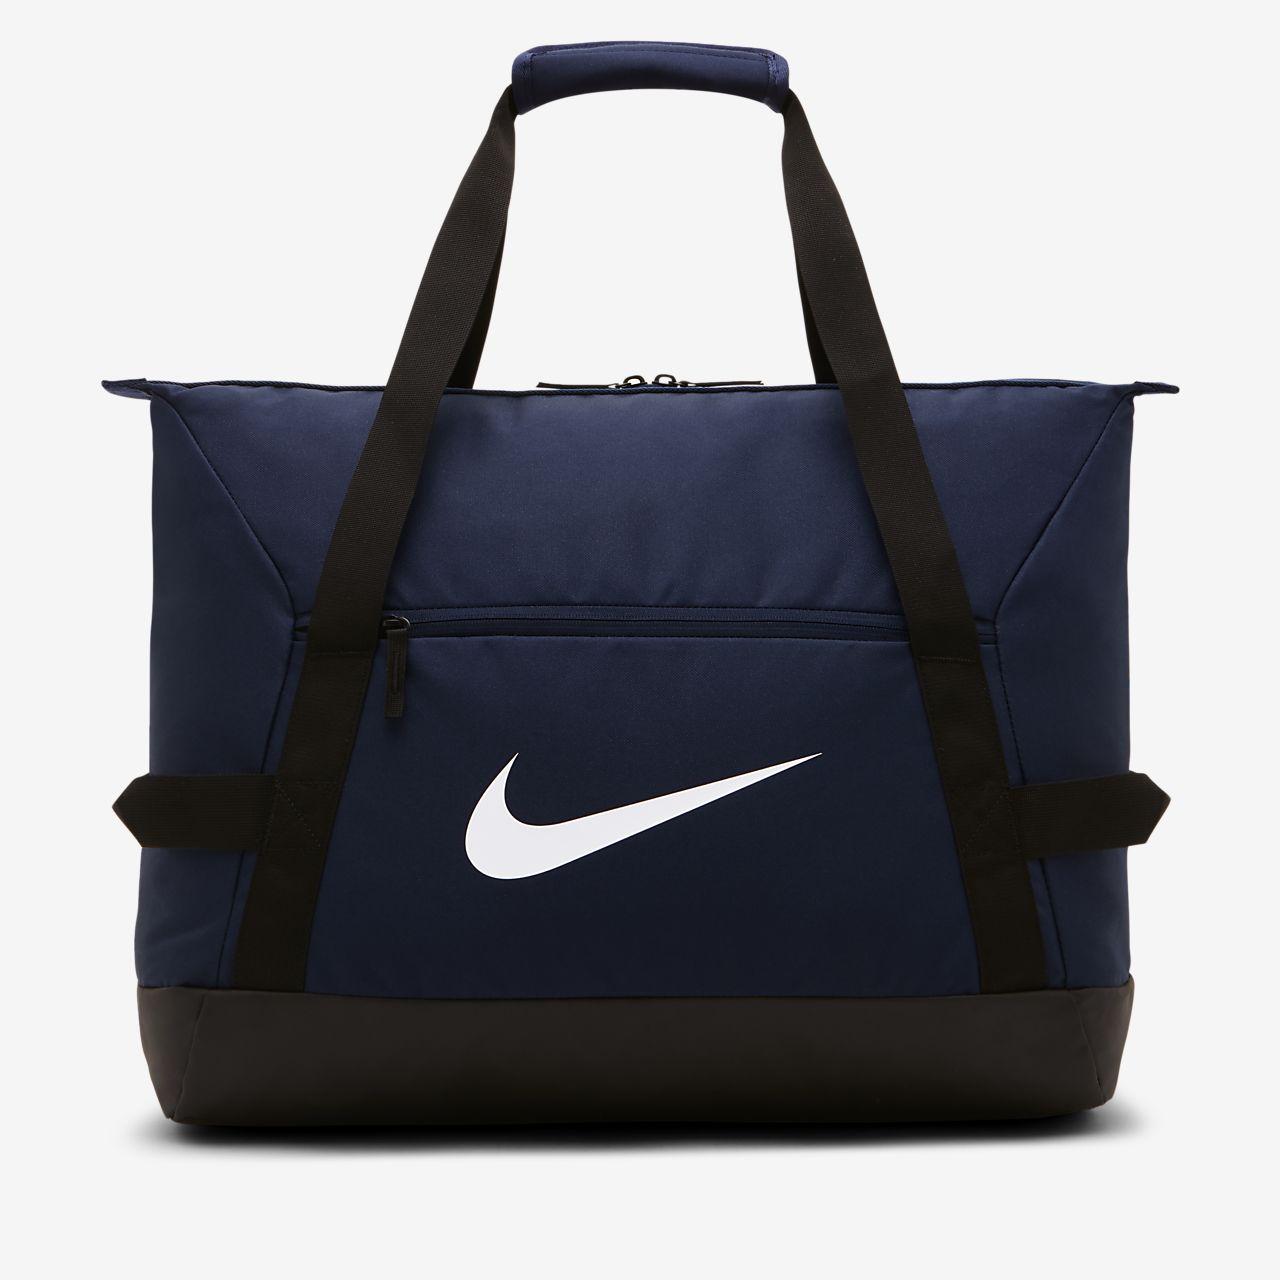 Nike Team Training Small Duffel BlackBlack(White) Free Shipping BOTH Ways